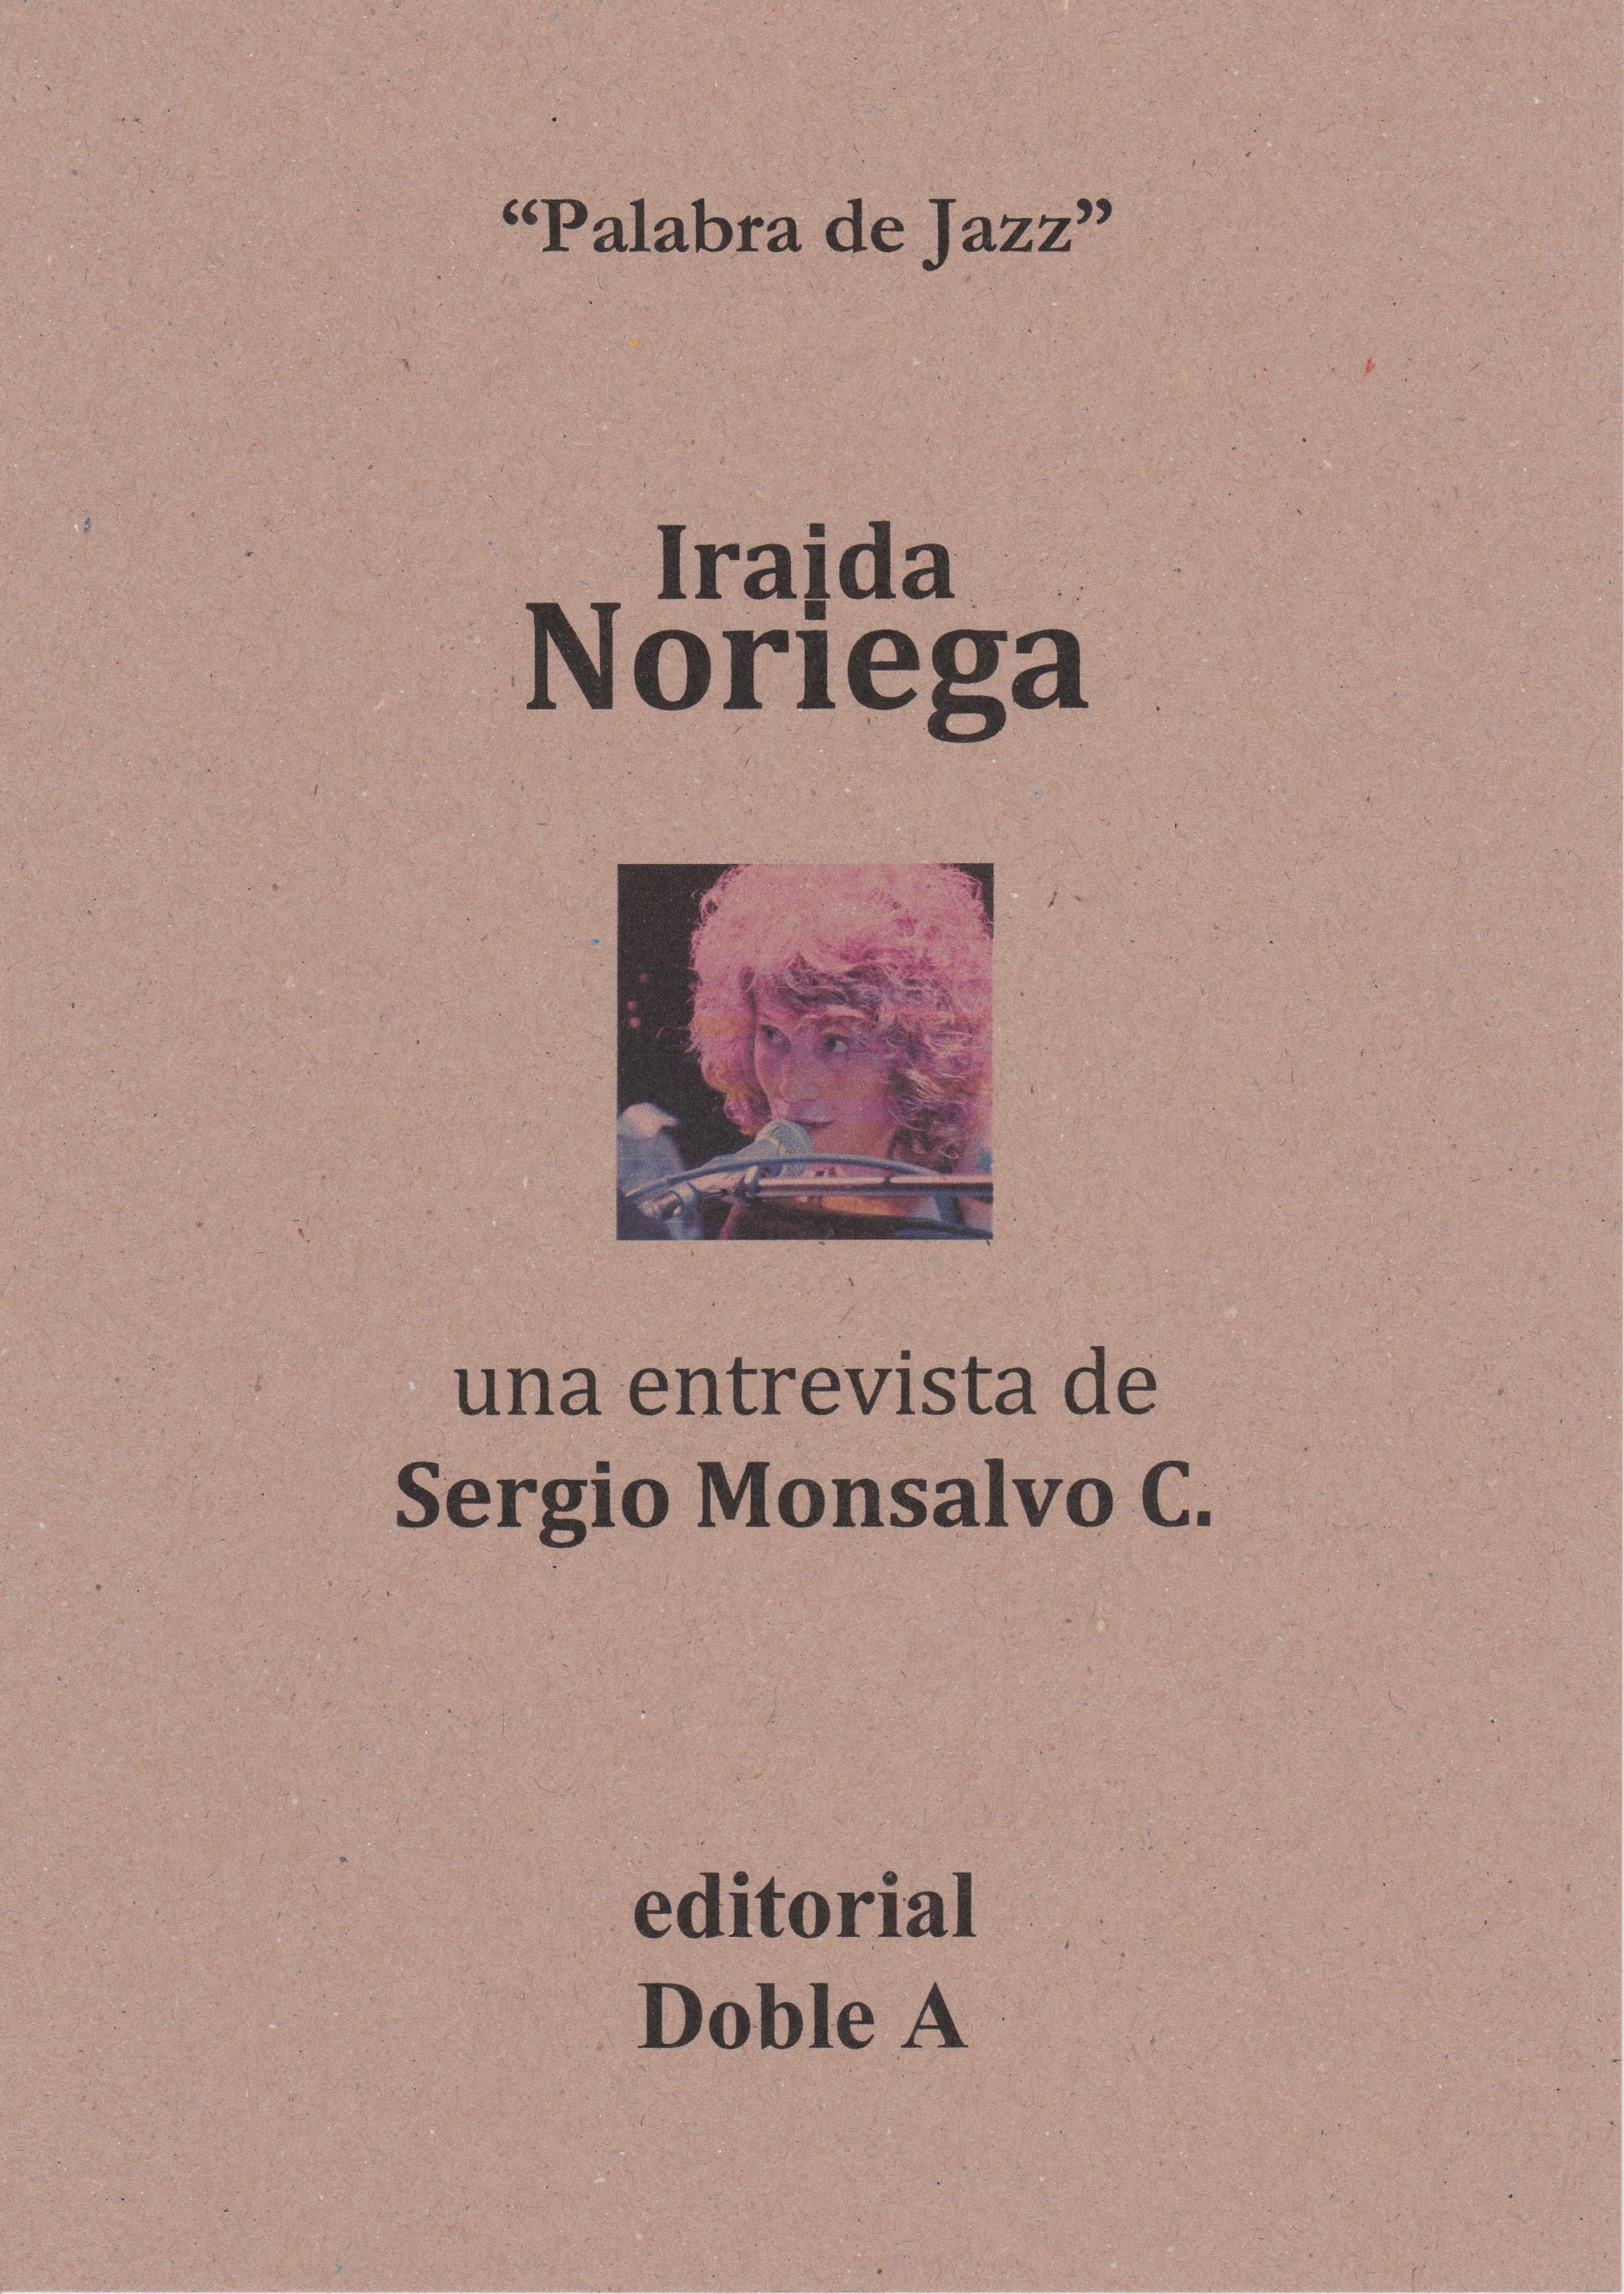 IRAIDA NORIEGA (PORTADA)